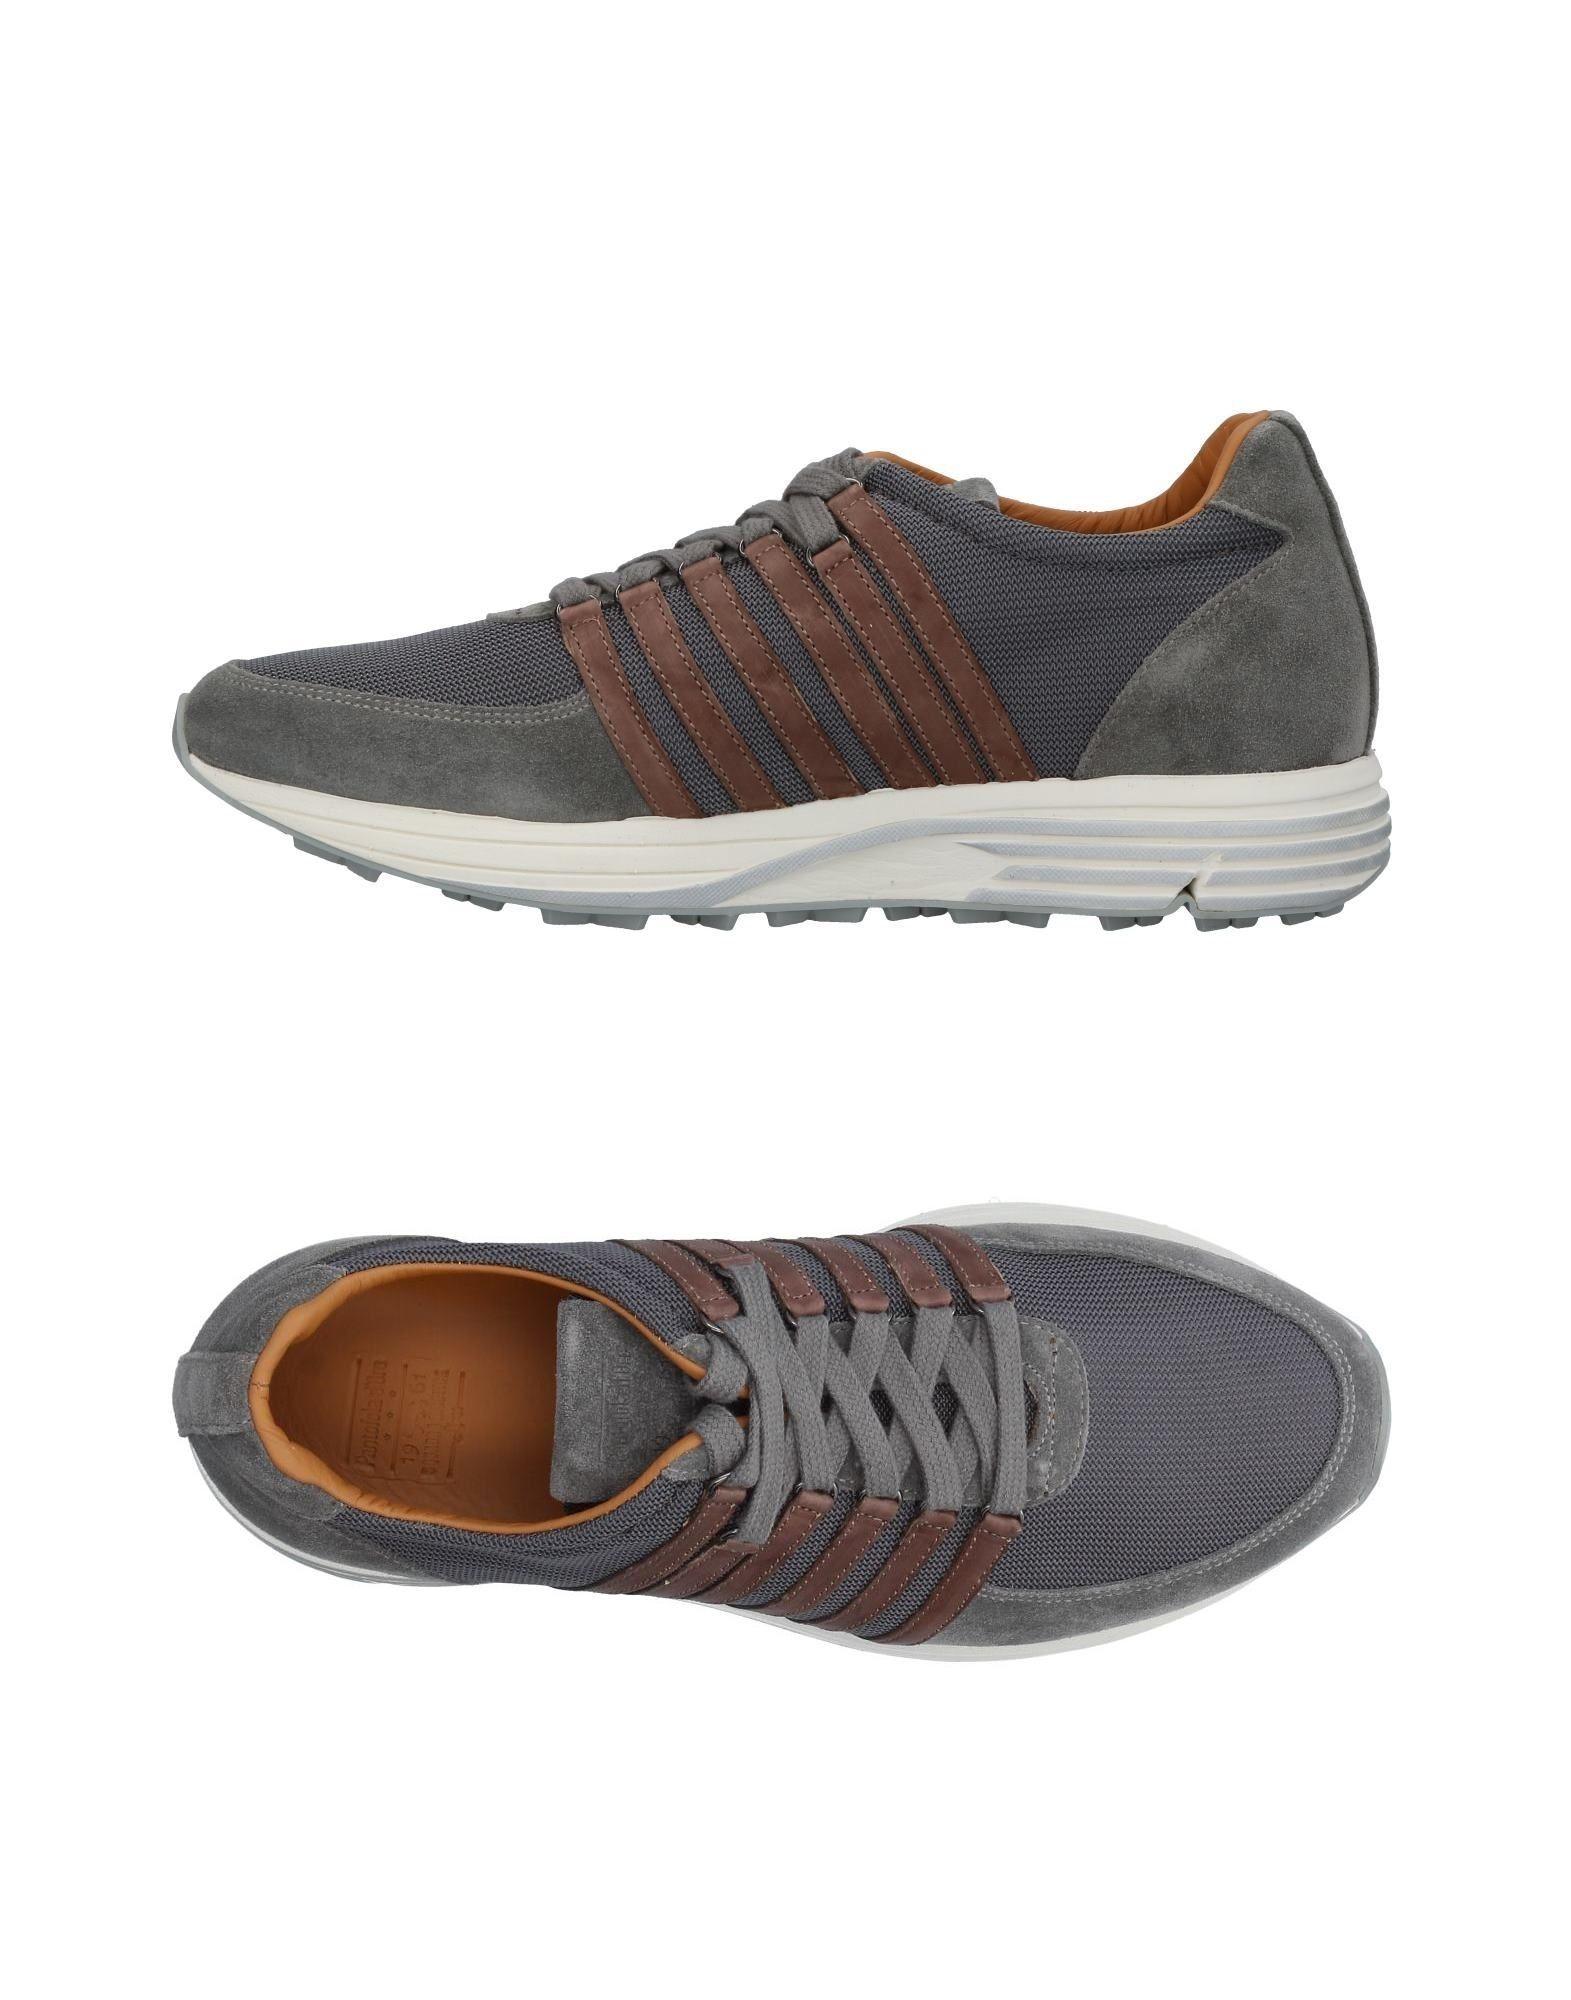 Pantofola D'oro Sneakers Herren   Herren 11366252PC 105155